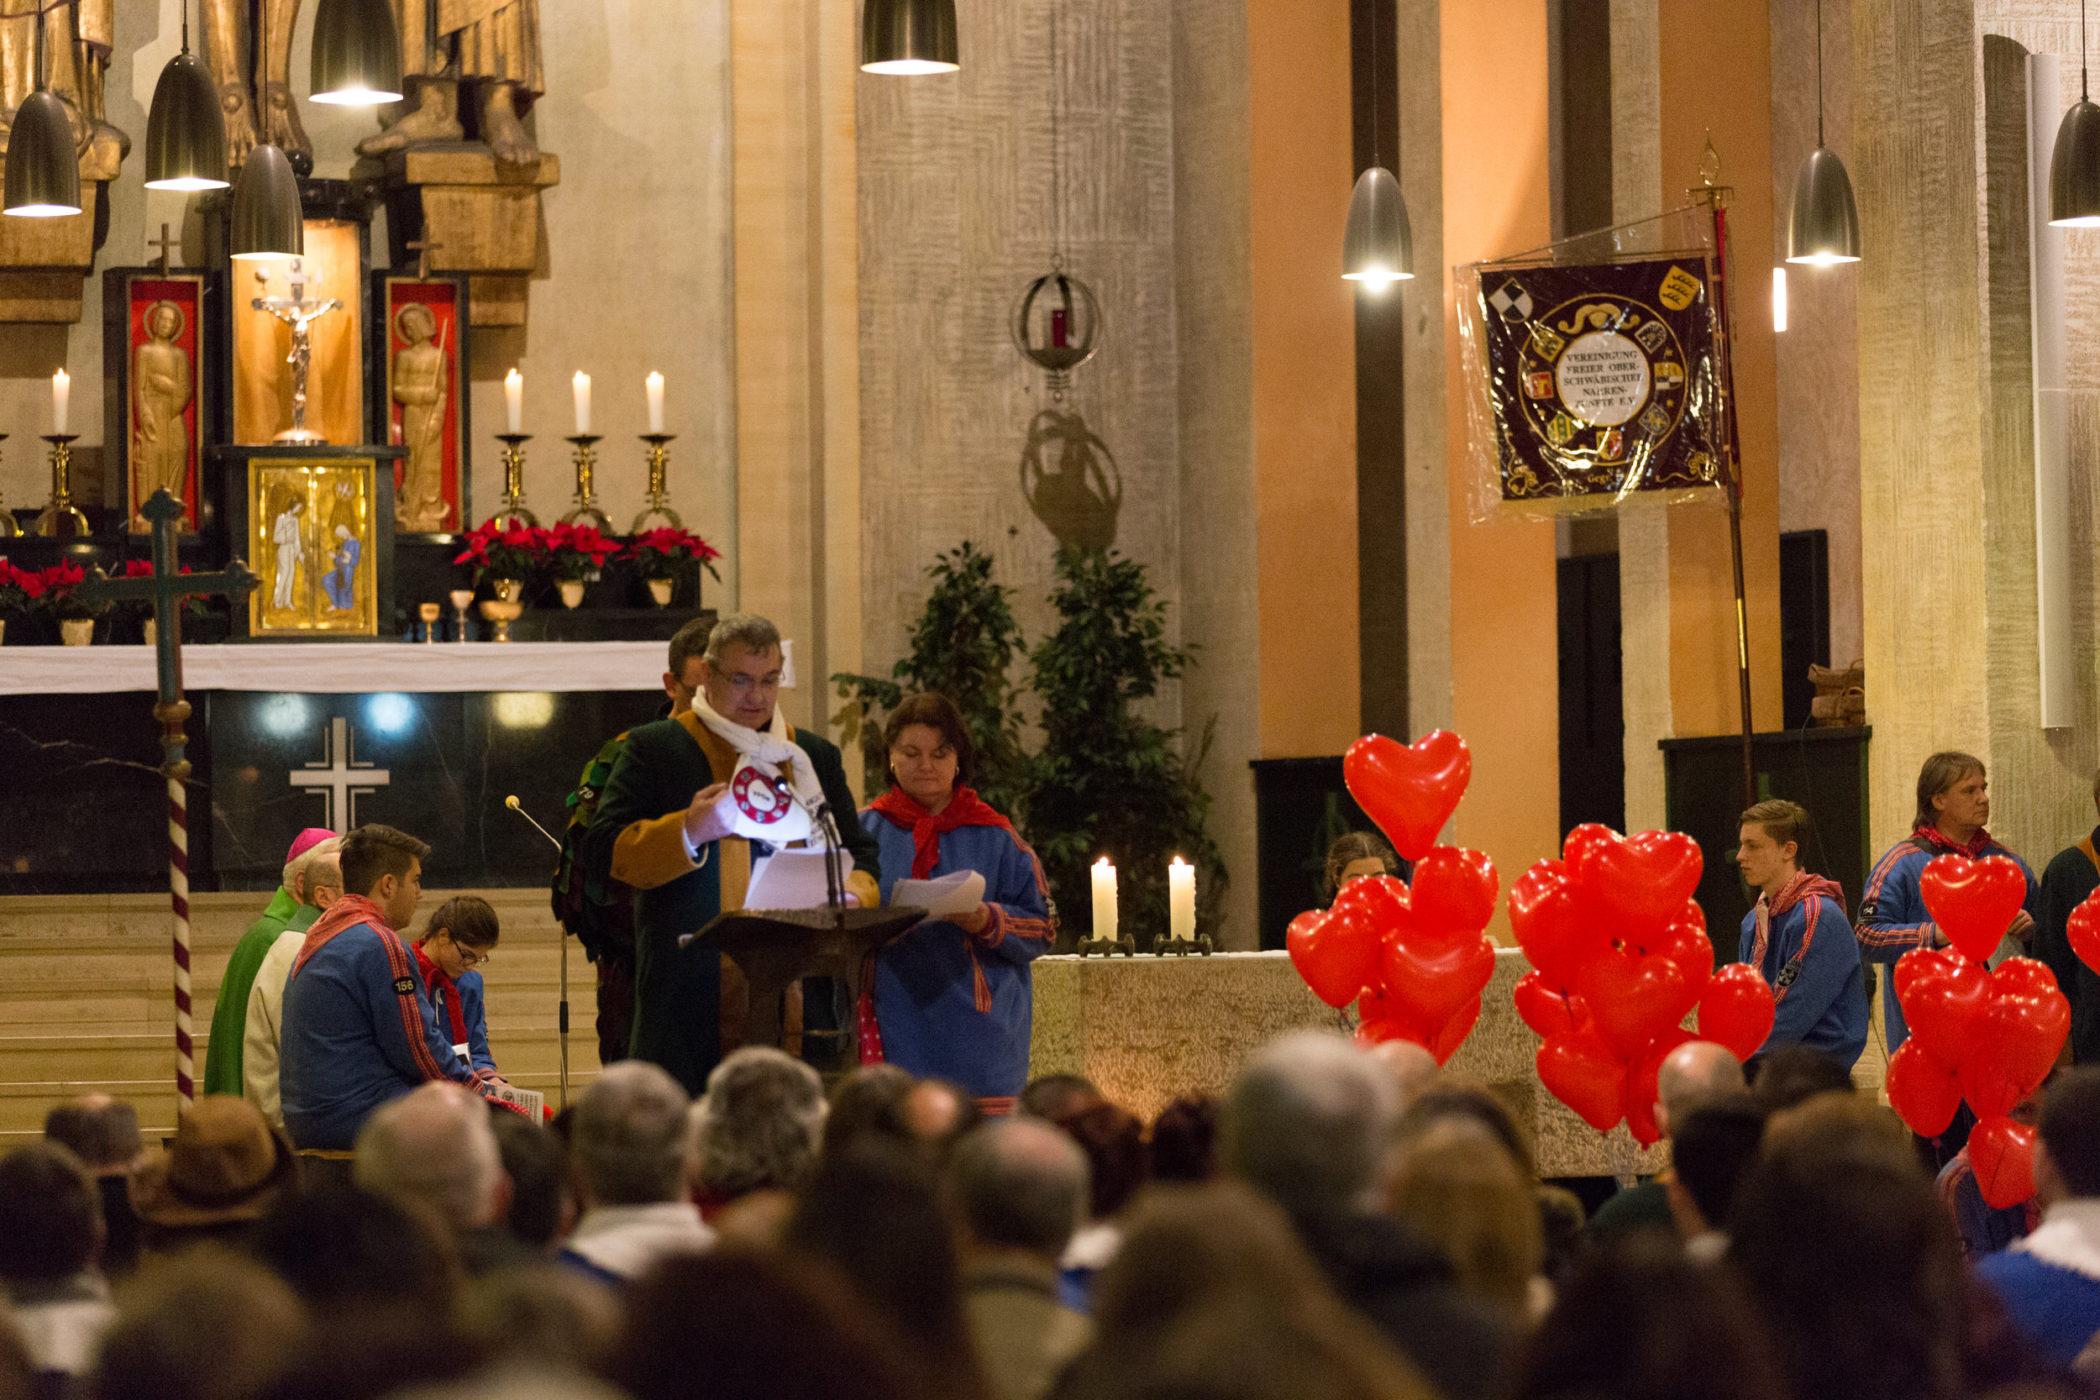 Narrenmesse zur Eröffnung des Ringtreffens des VFON in der St Fidelis Kirche in Burladingen.